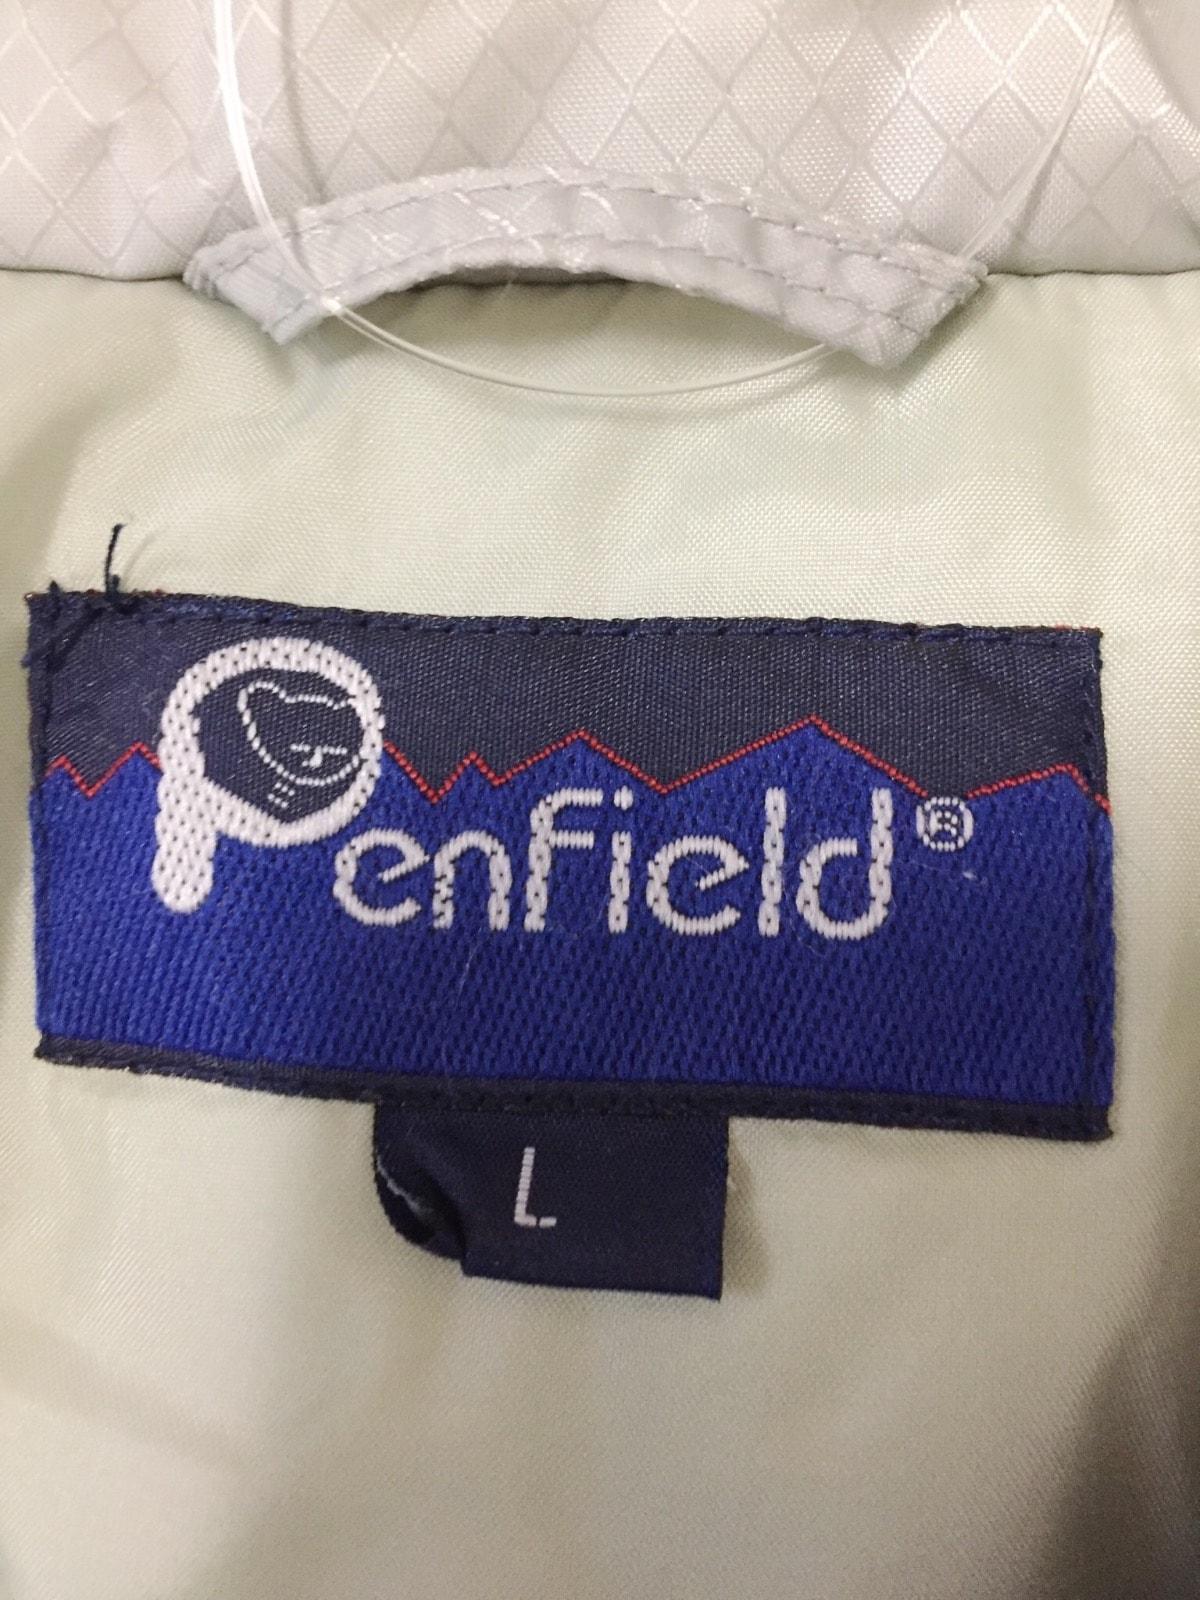 Penfield(ペンフィールド)のブルゾン